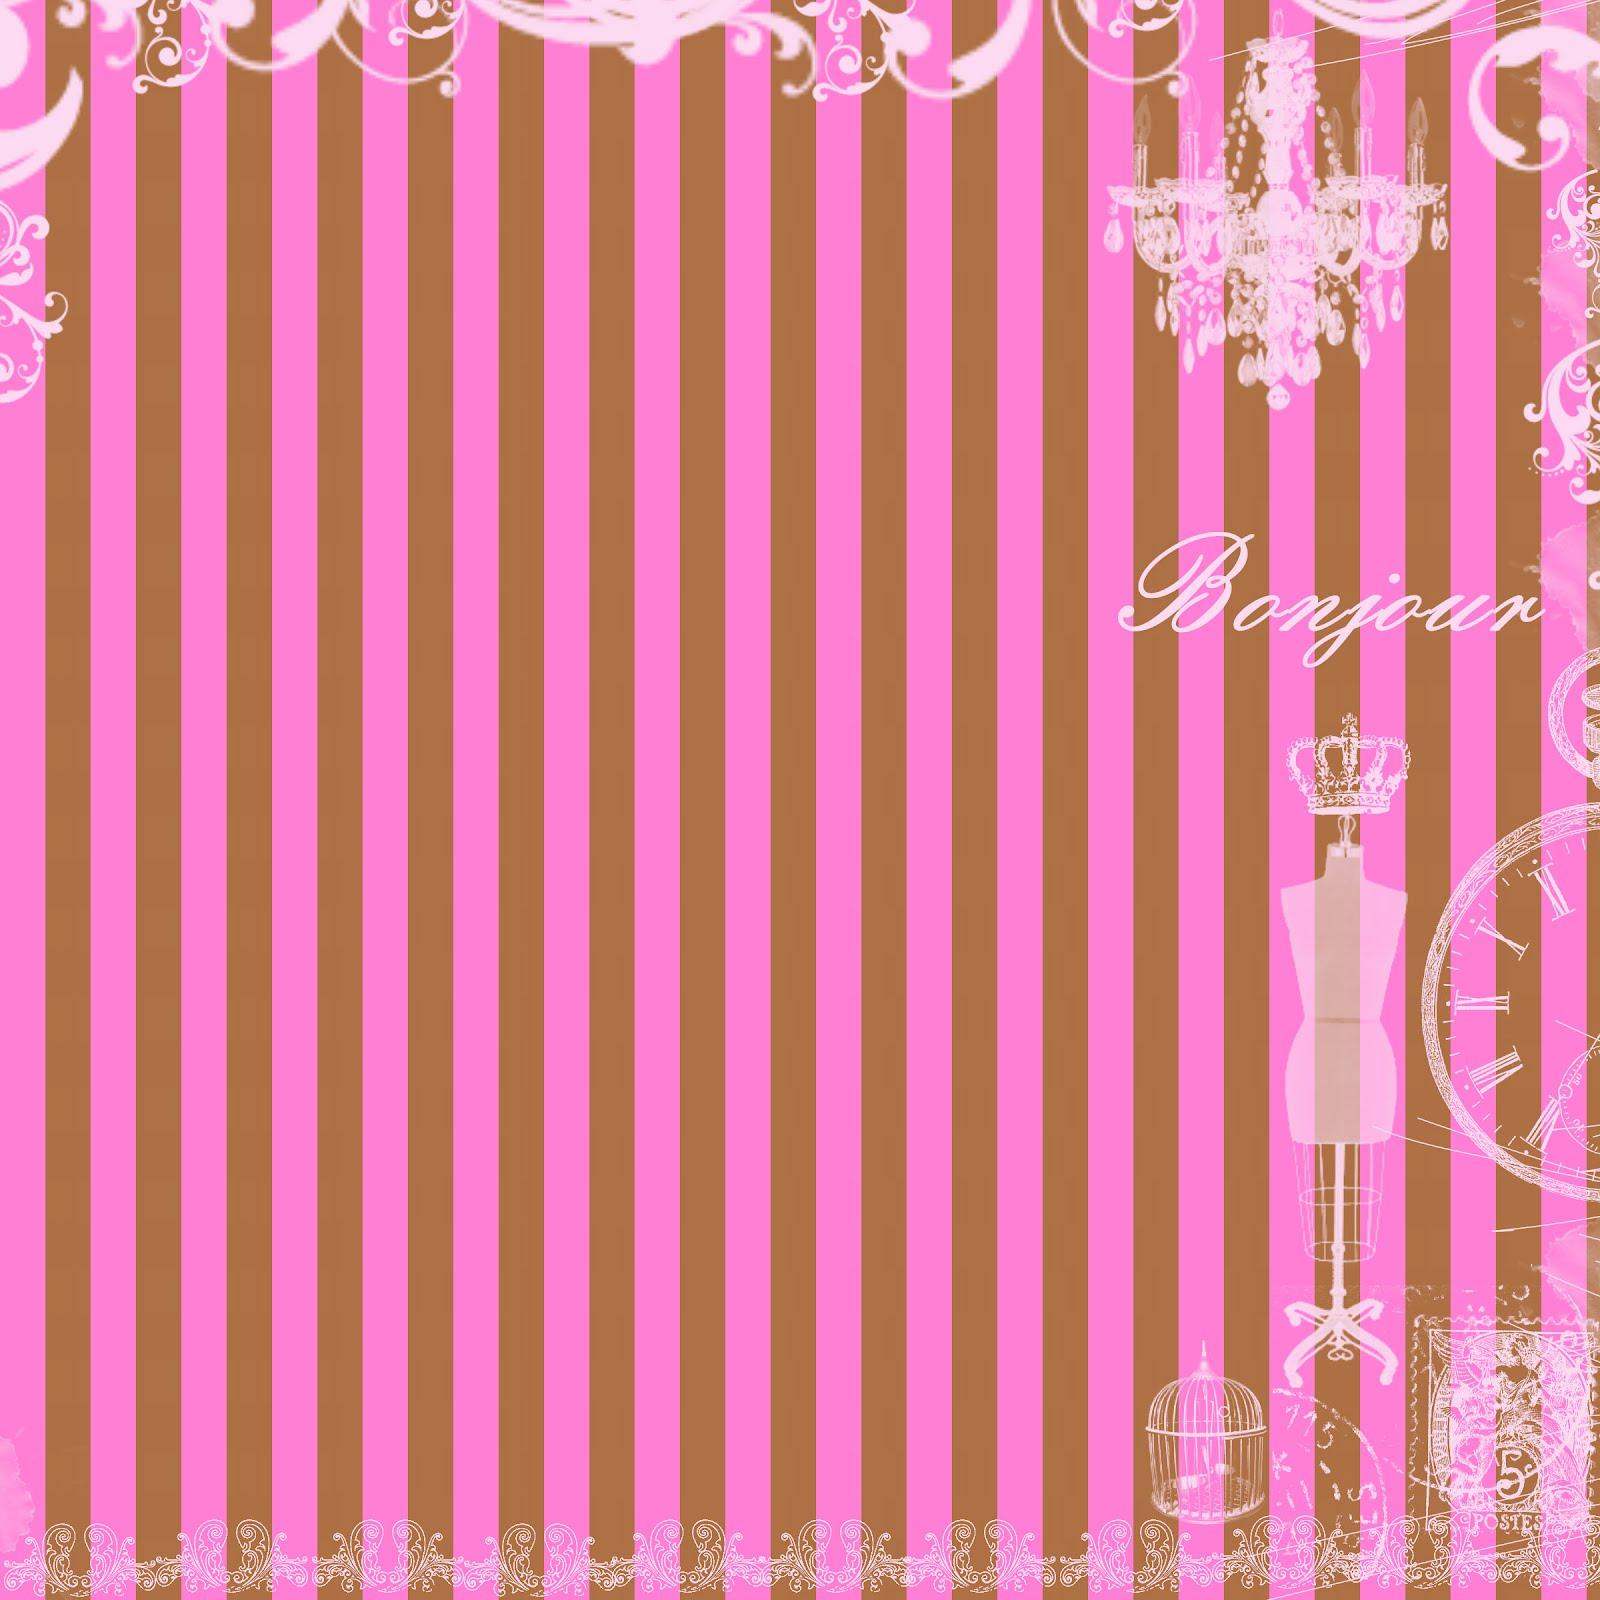 Pink Scrapbooking Scrapbook Paper Pink